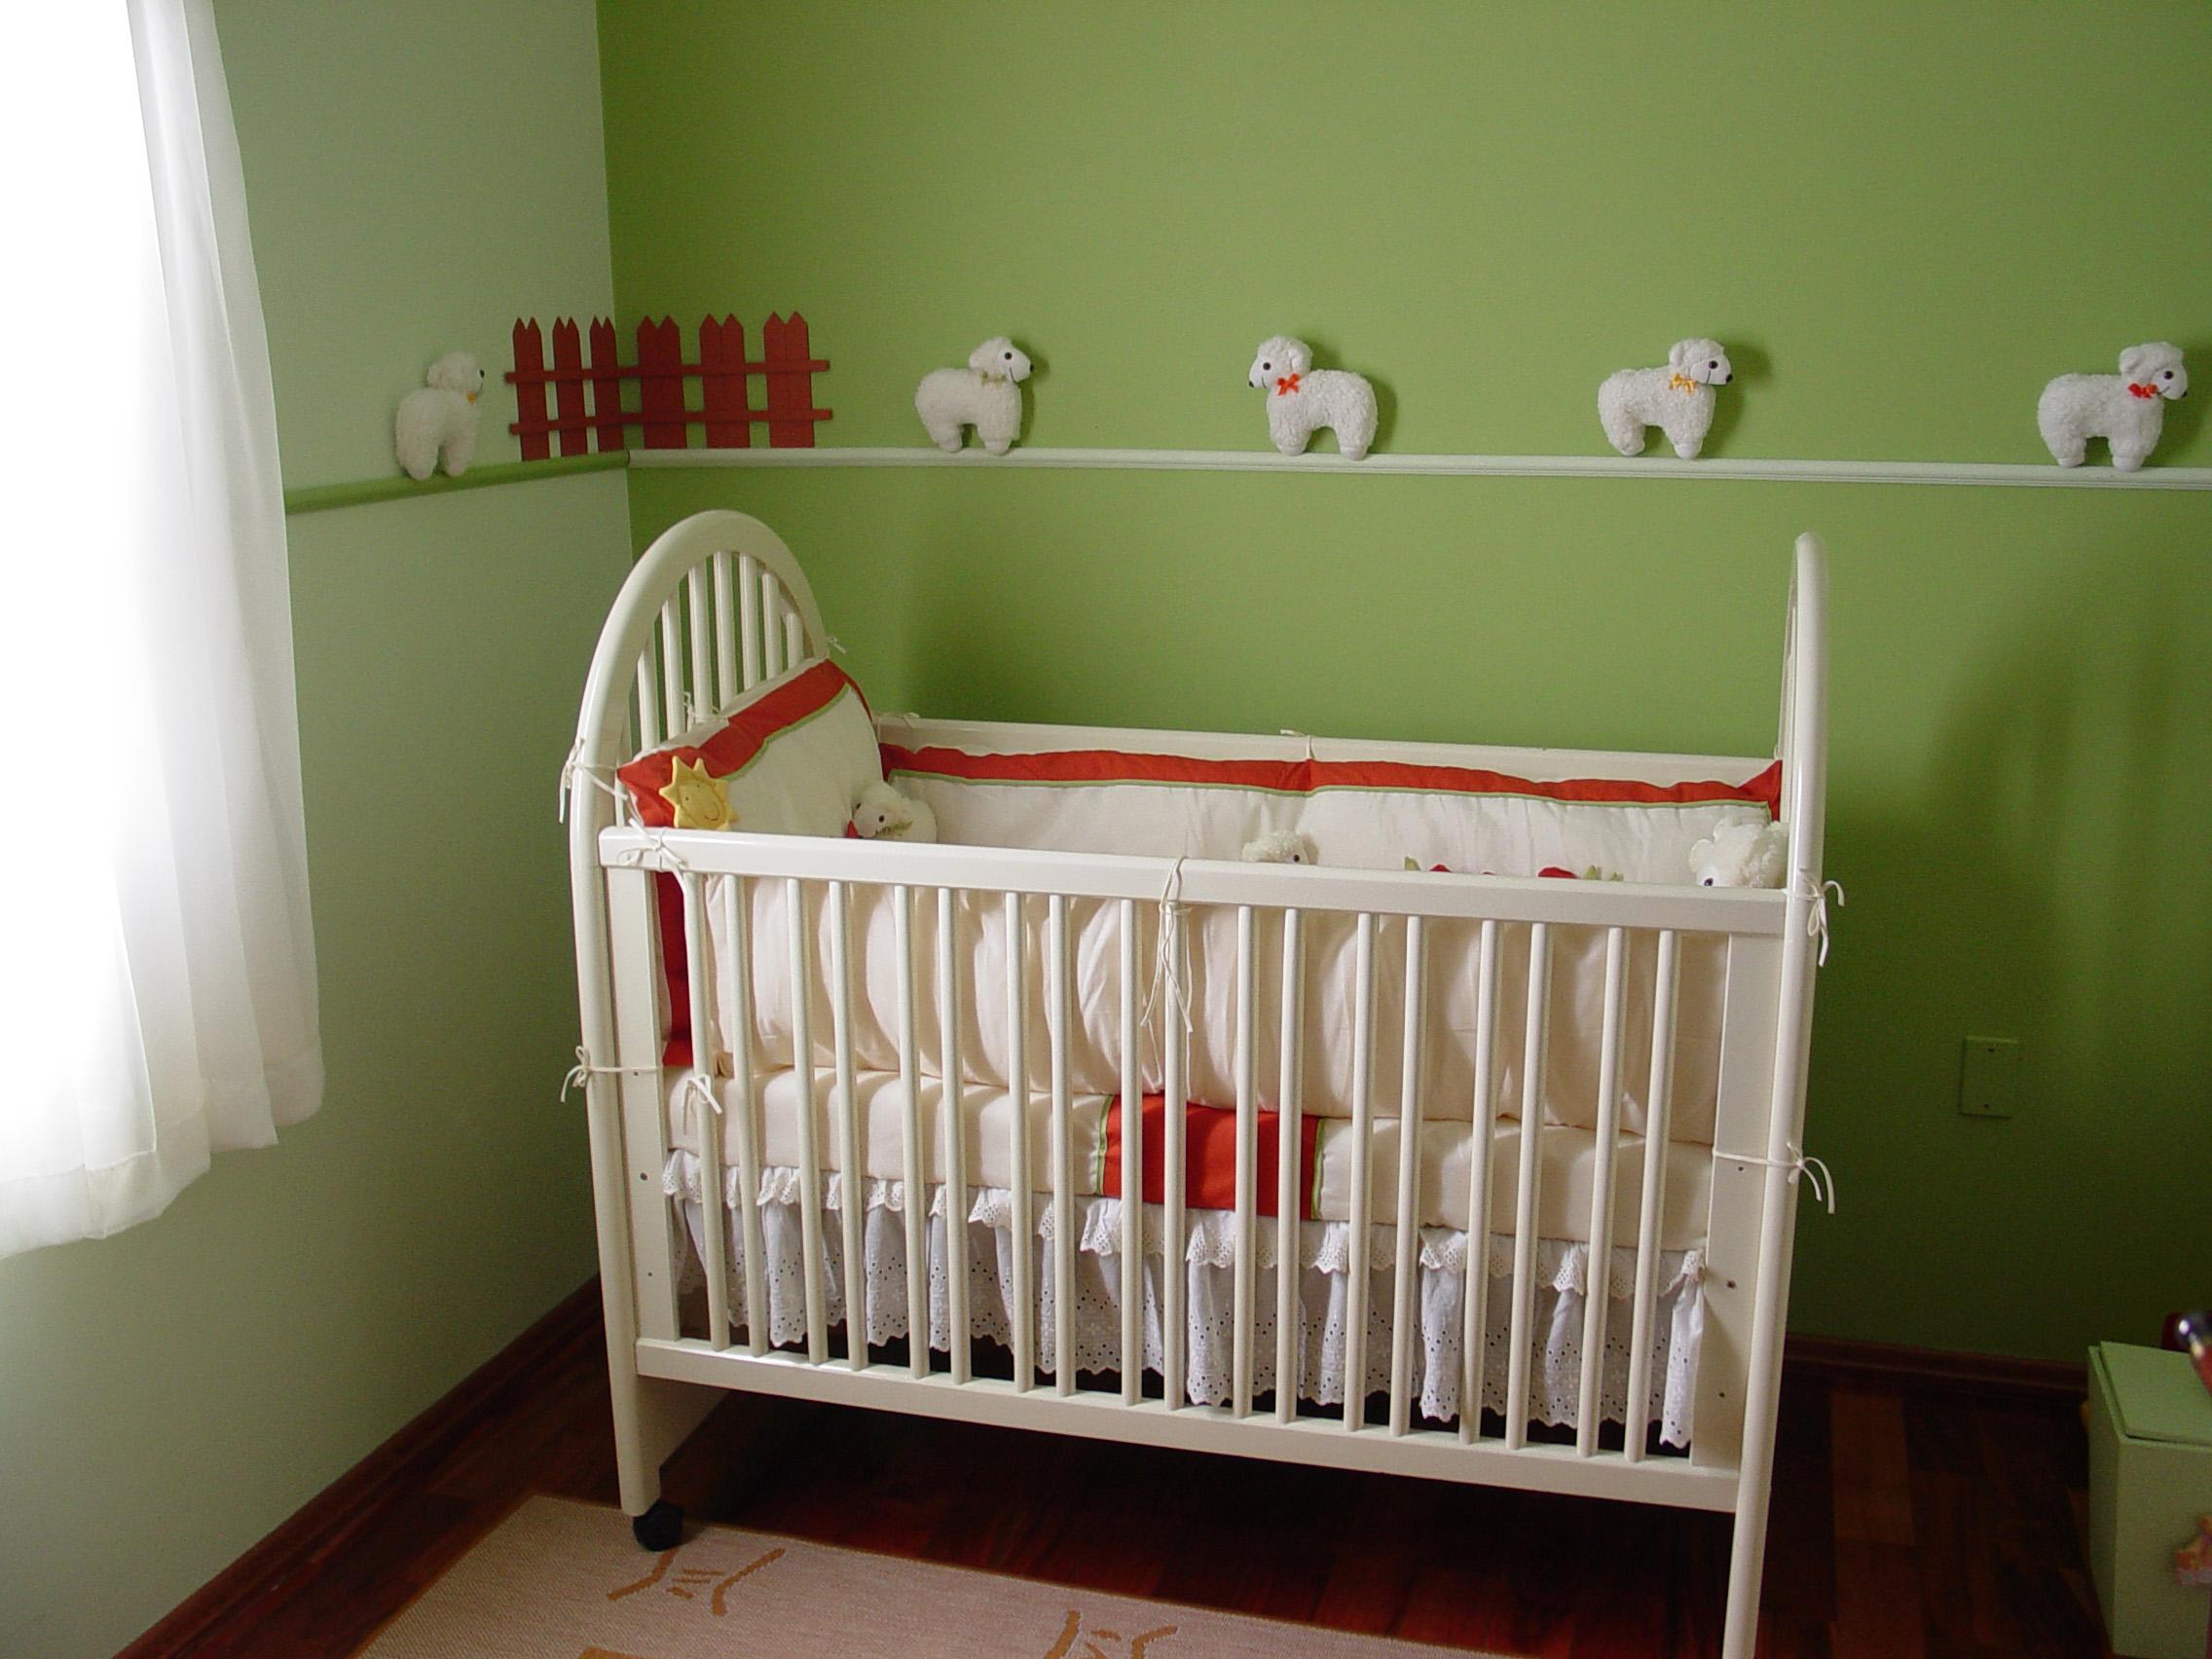 babyzimmer einrichtung babyzimmer einrichtung. Black Bedroom Furniture Sets. Home Design Ideas